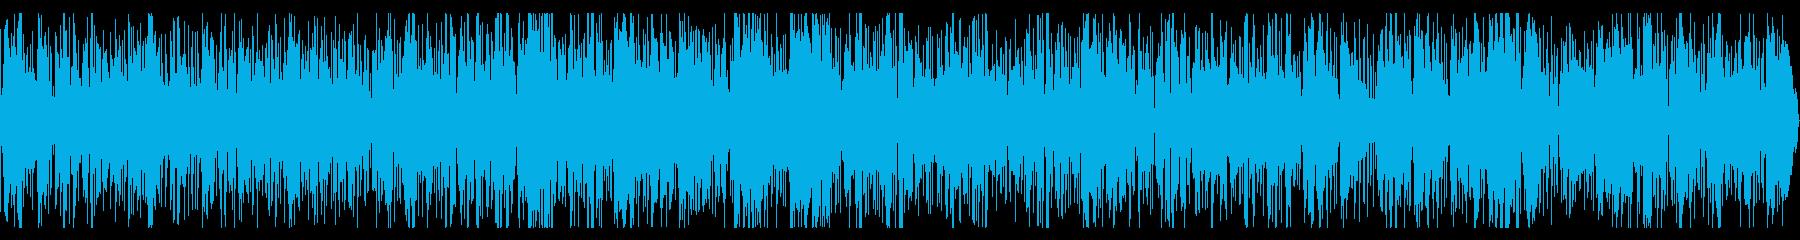 サックスメロディの元気なジャズインストの再生済みの波形